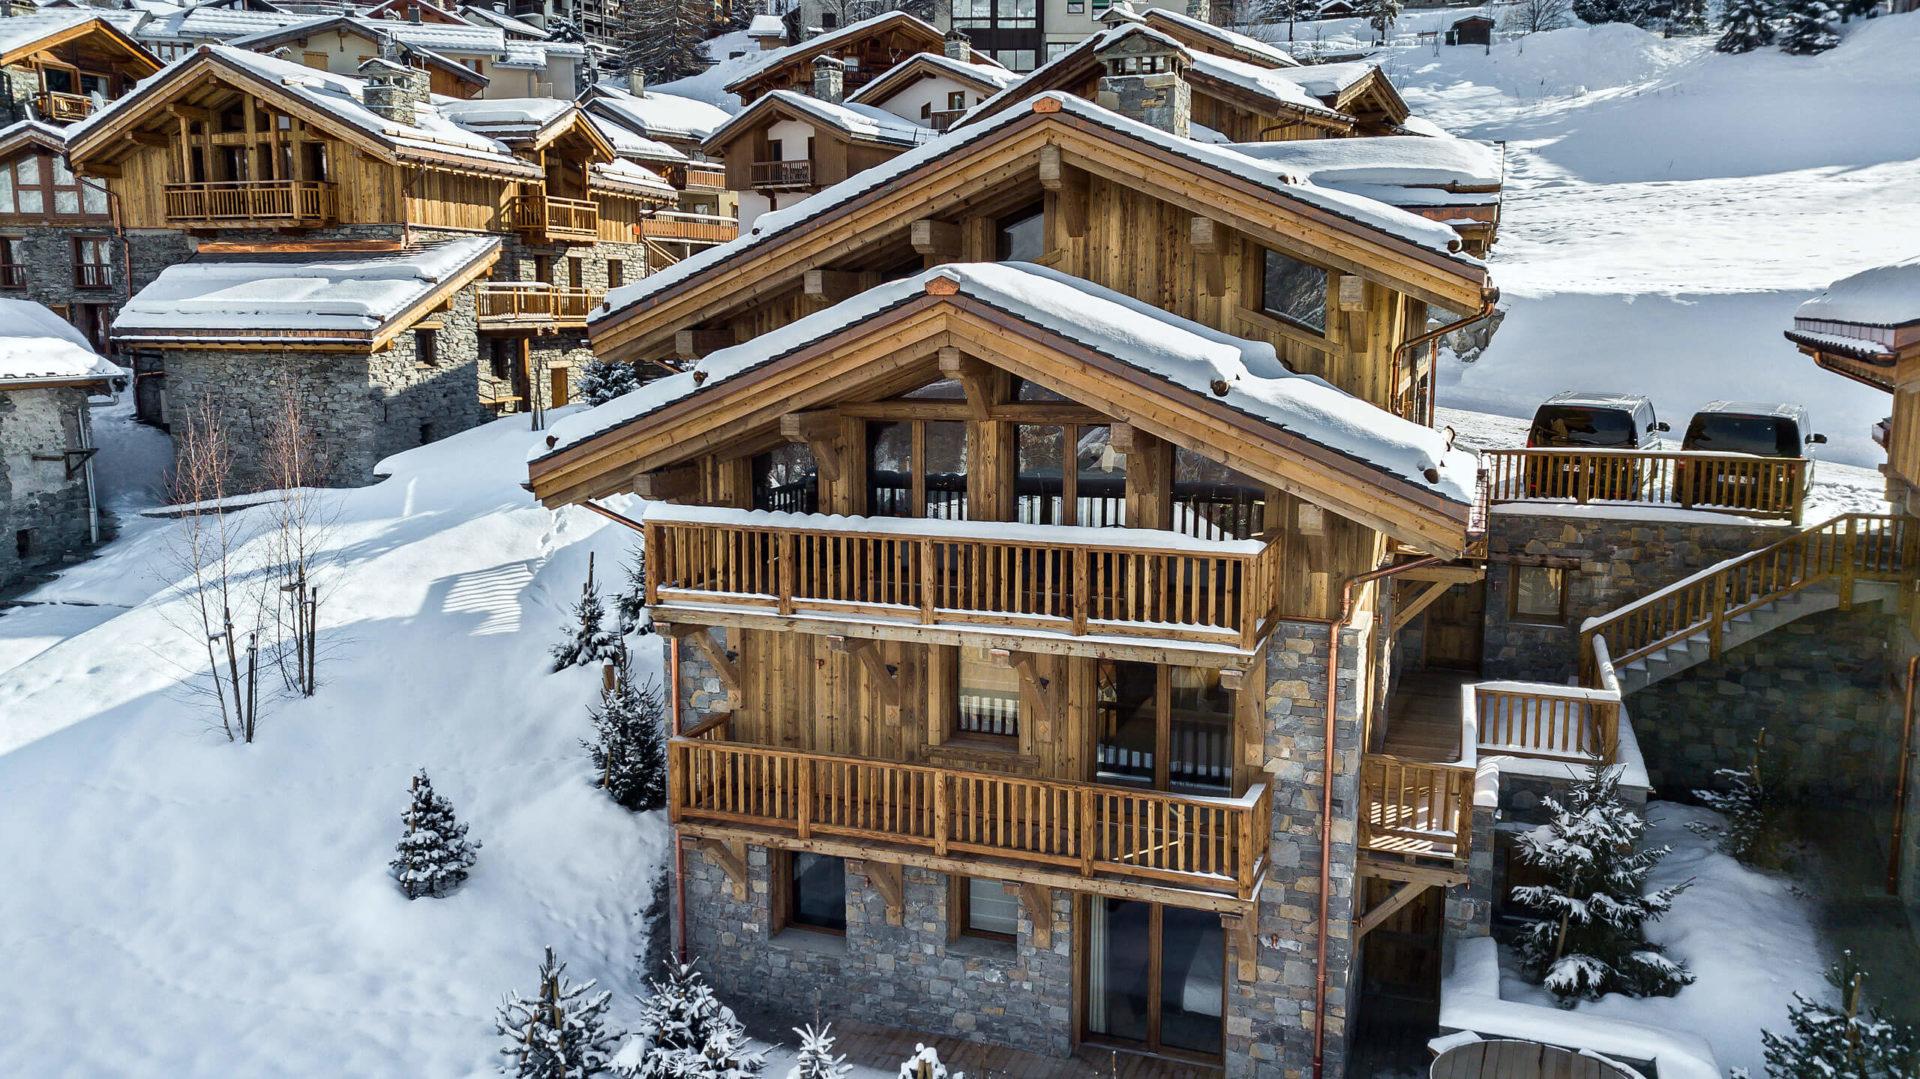 Les Chalets du Nant du Four / Vue 2 / Saint Martin de Belleville, Savoie